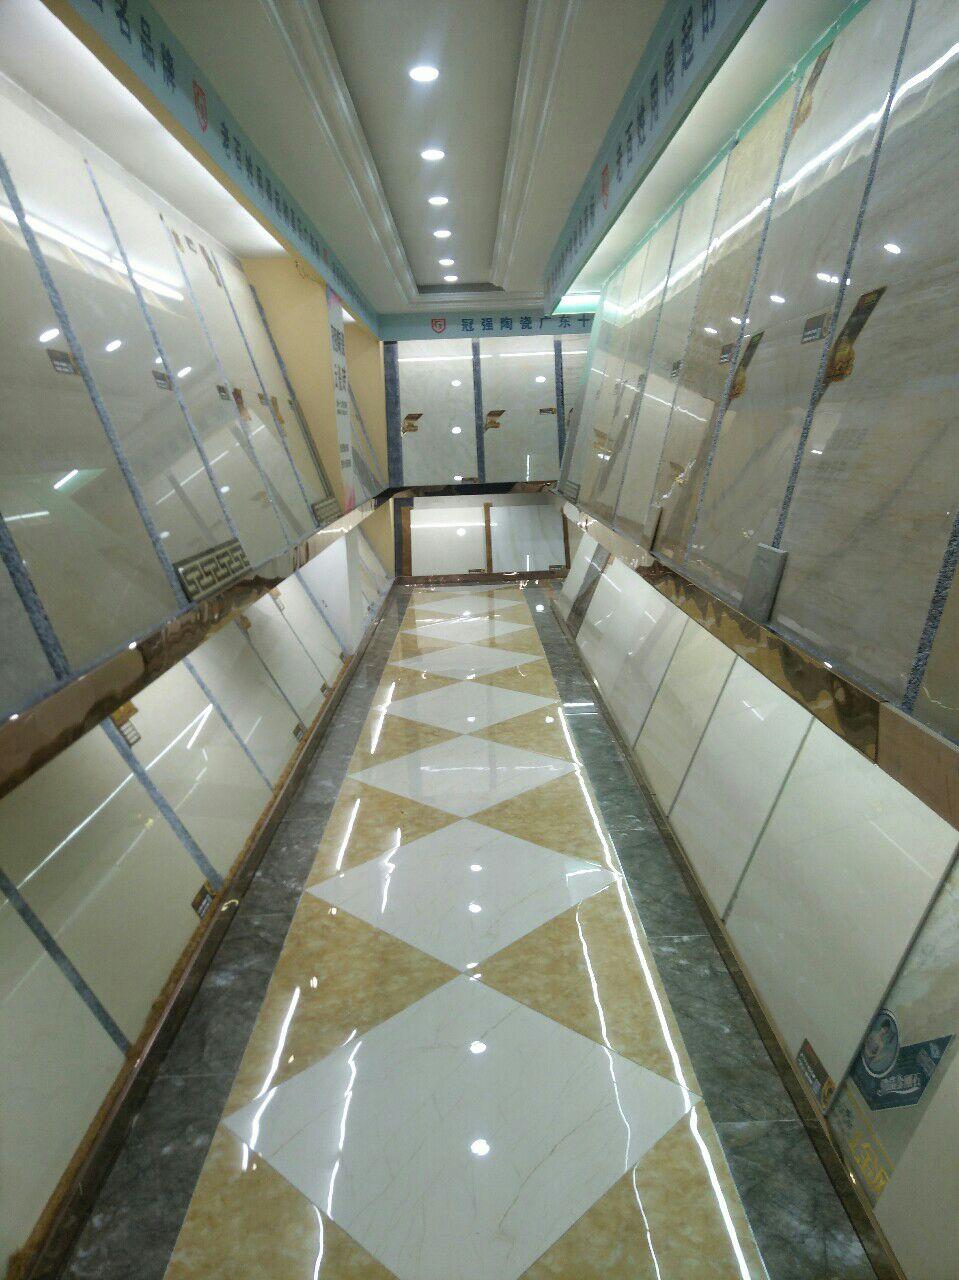 冠强陶瓷−−家装建材一站式服务体验